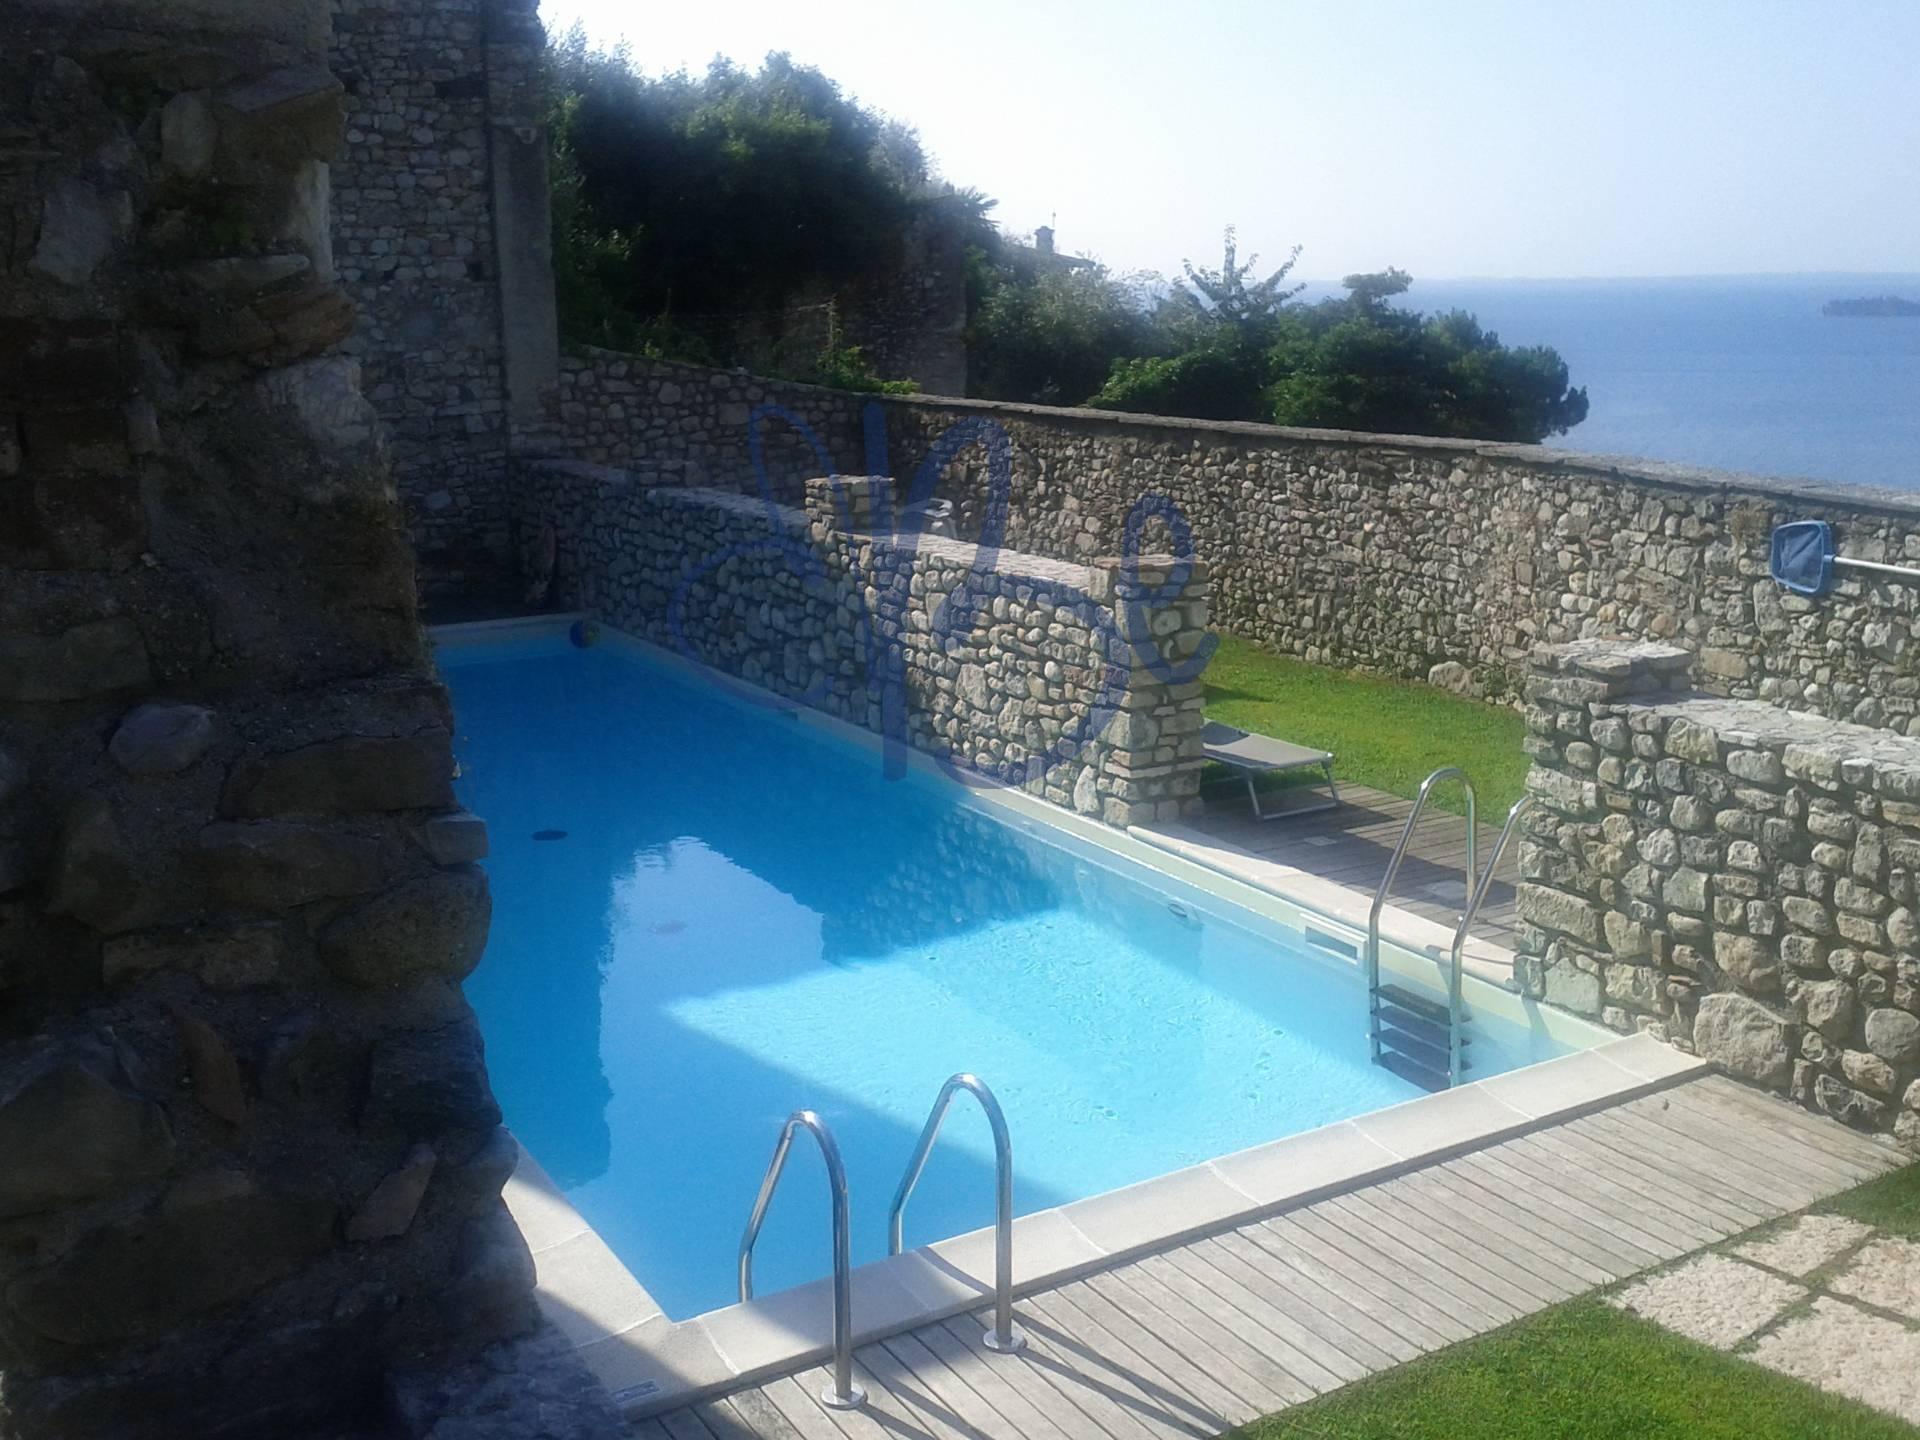 Appartamento in vendita a Gardone Riviera, 2 locali, zona Località: FasanoSopra, prezzo € 150.000 | Cambio Casa.it